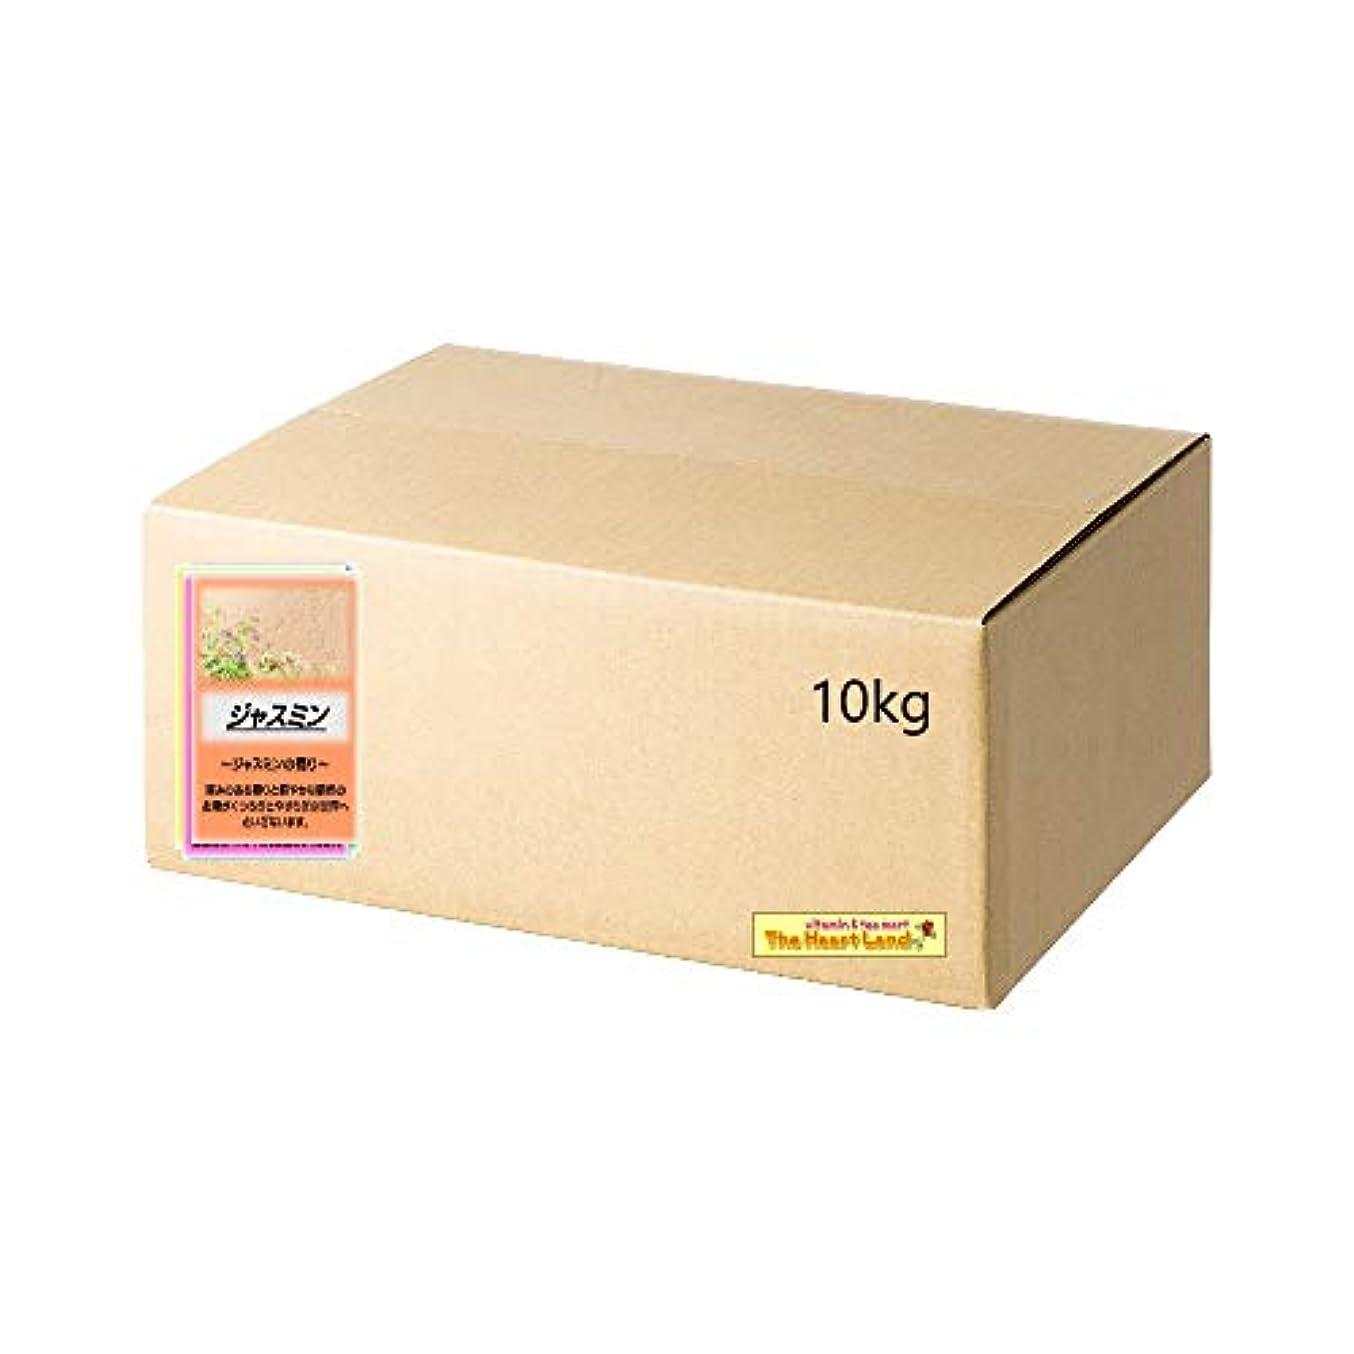 間検出する家庭アサヒ入浴剤 浴用入浴化粧品 ジャスミン 10kg